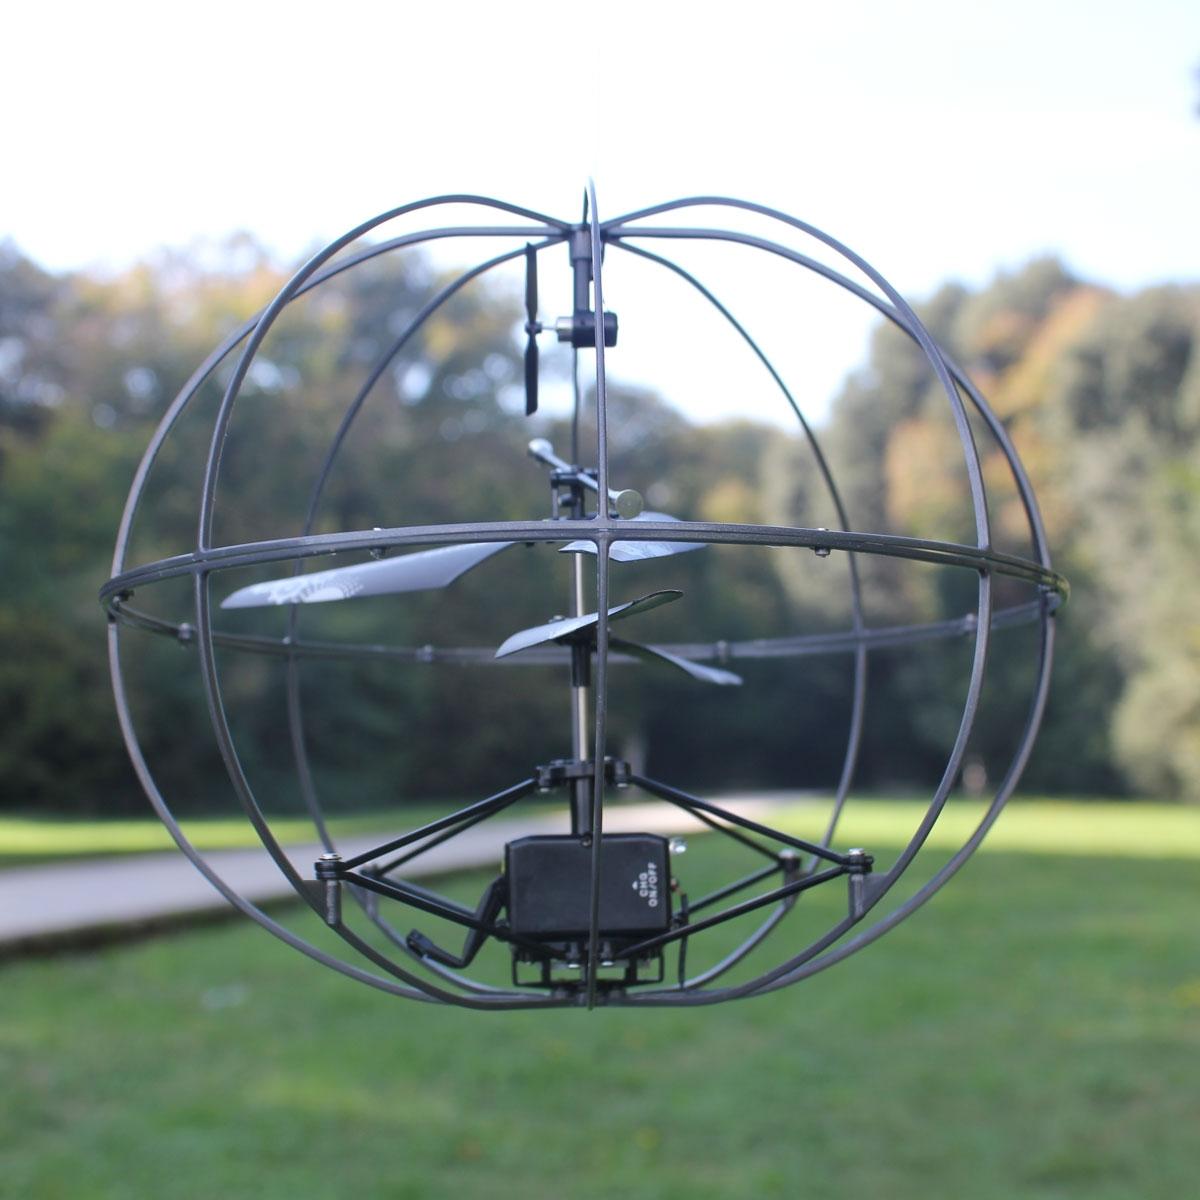 Ein komisches Gebilde, oder? (Foto: iHelicopters.net)